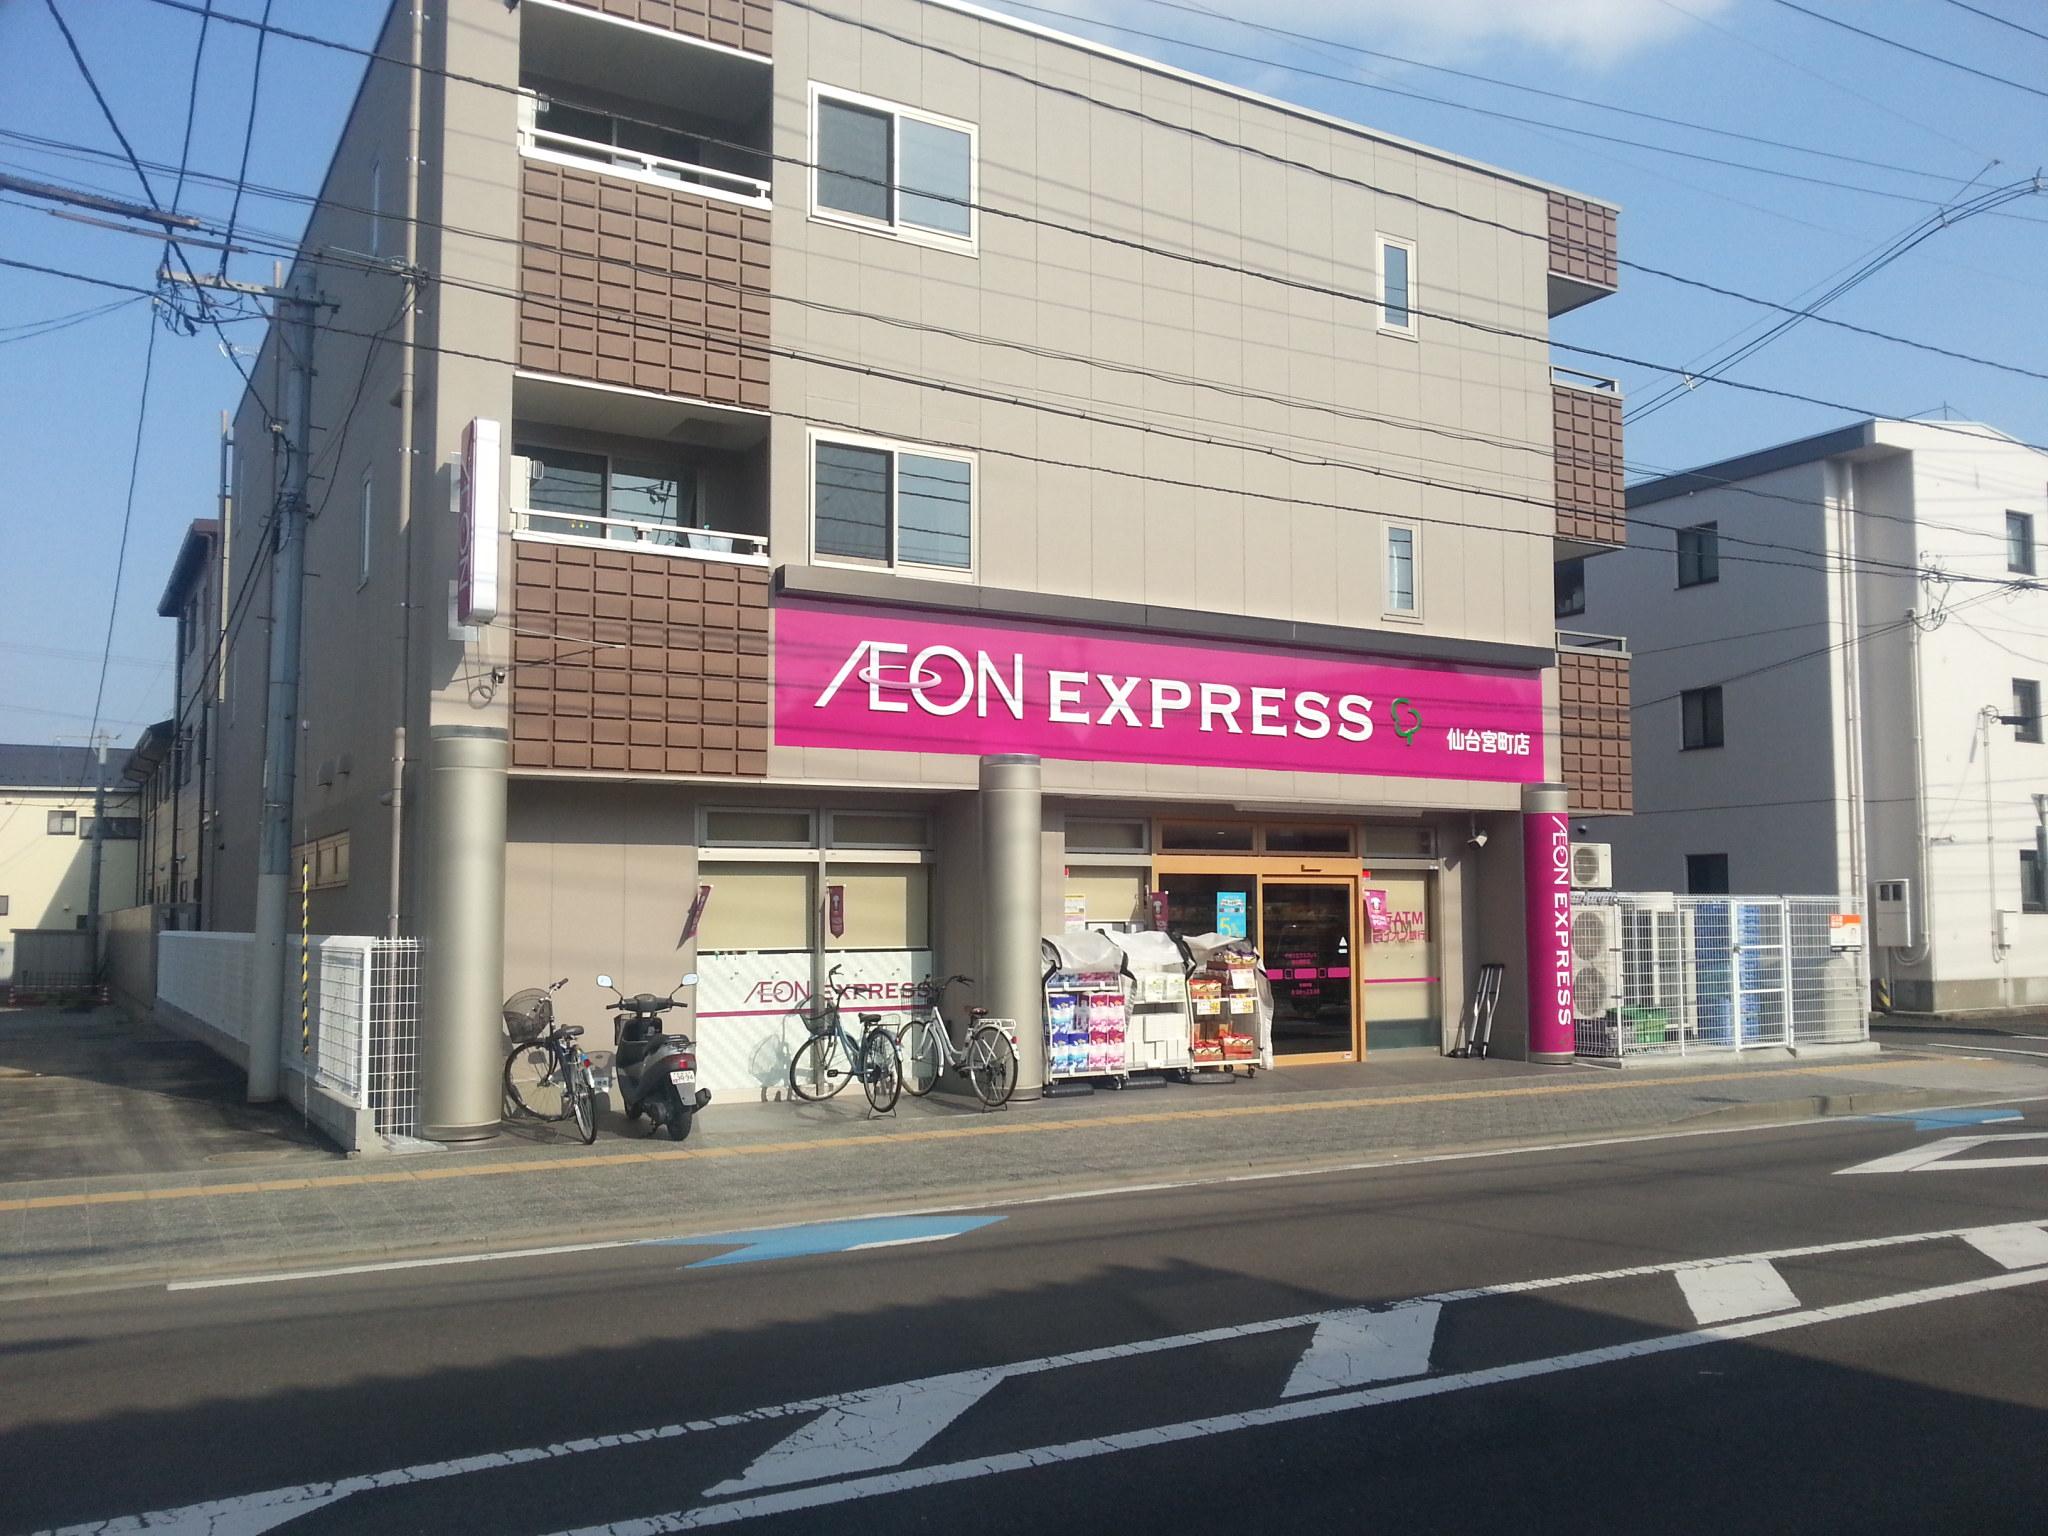 イオンエクスプレス 仙台宮町店